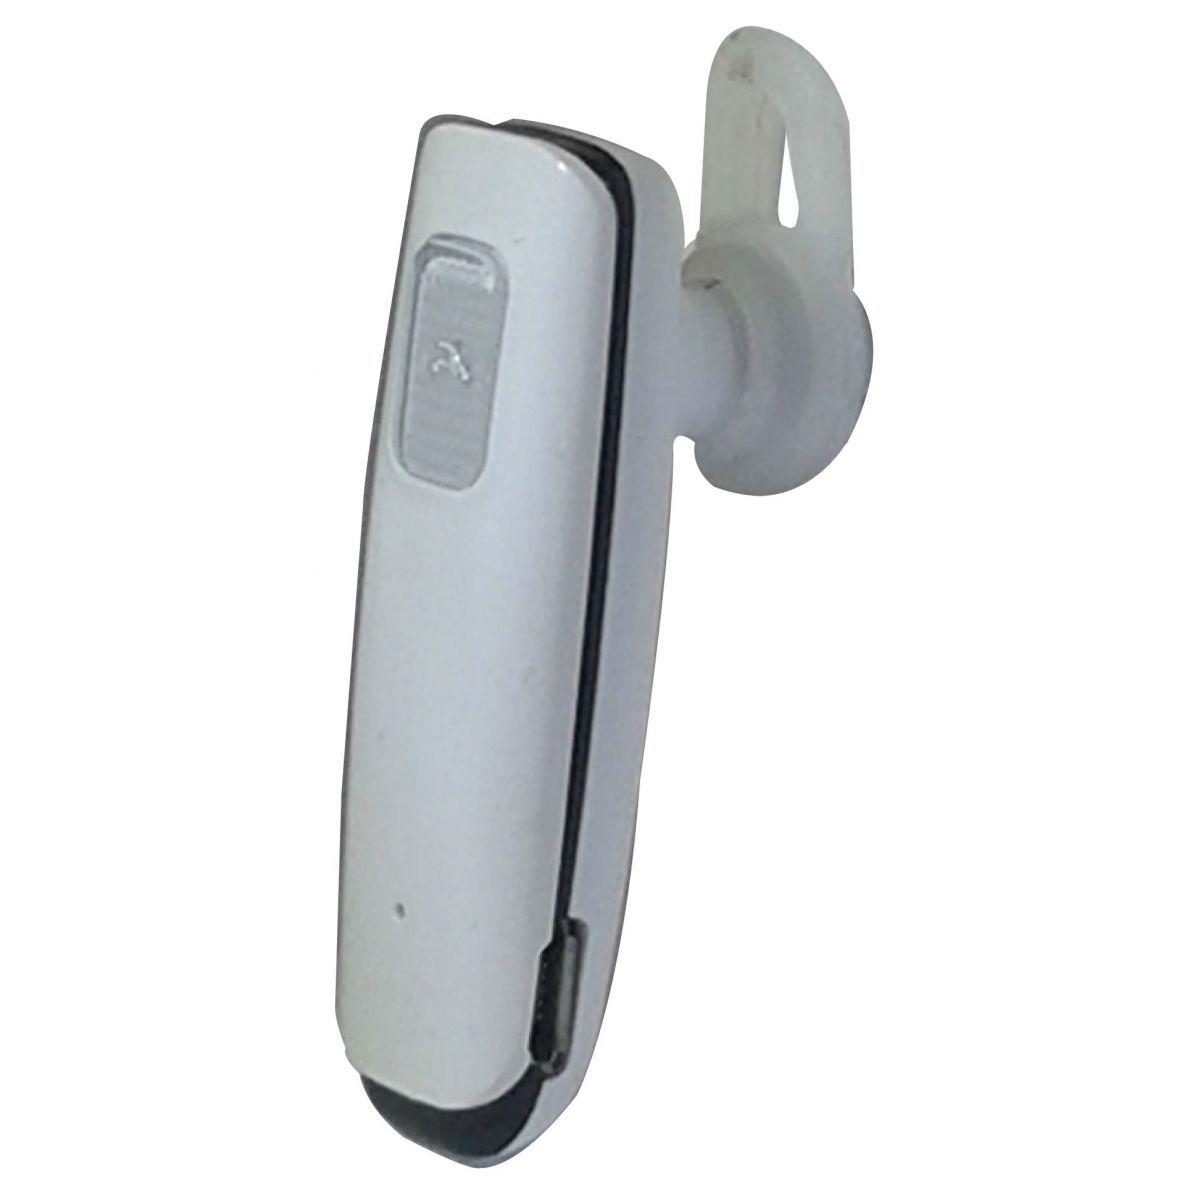 Fone de Ouvido Estéreo Bluetooth Sem Fio  - Thata Esportes